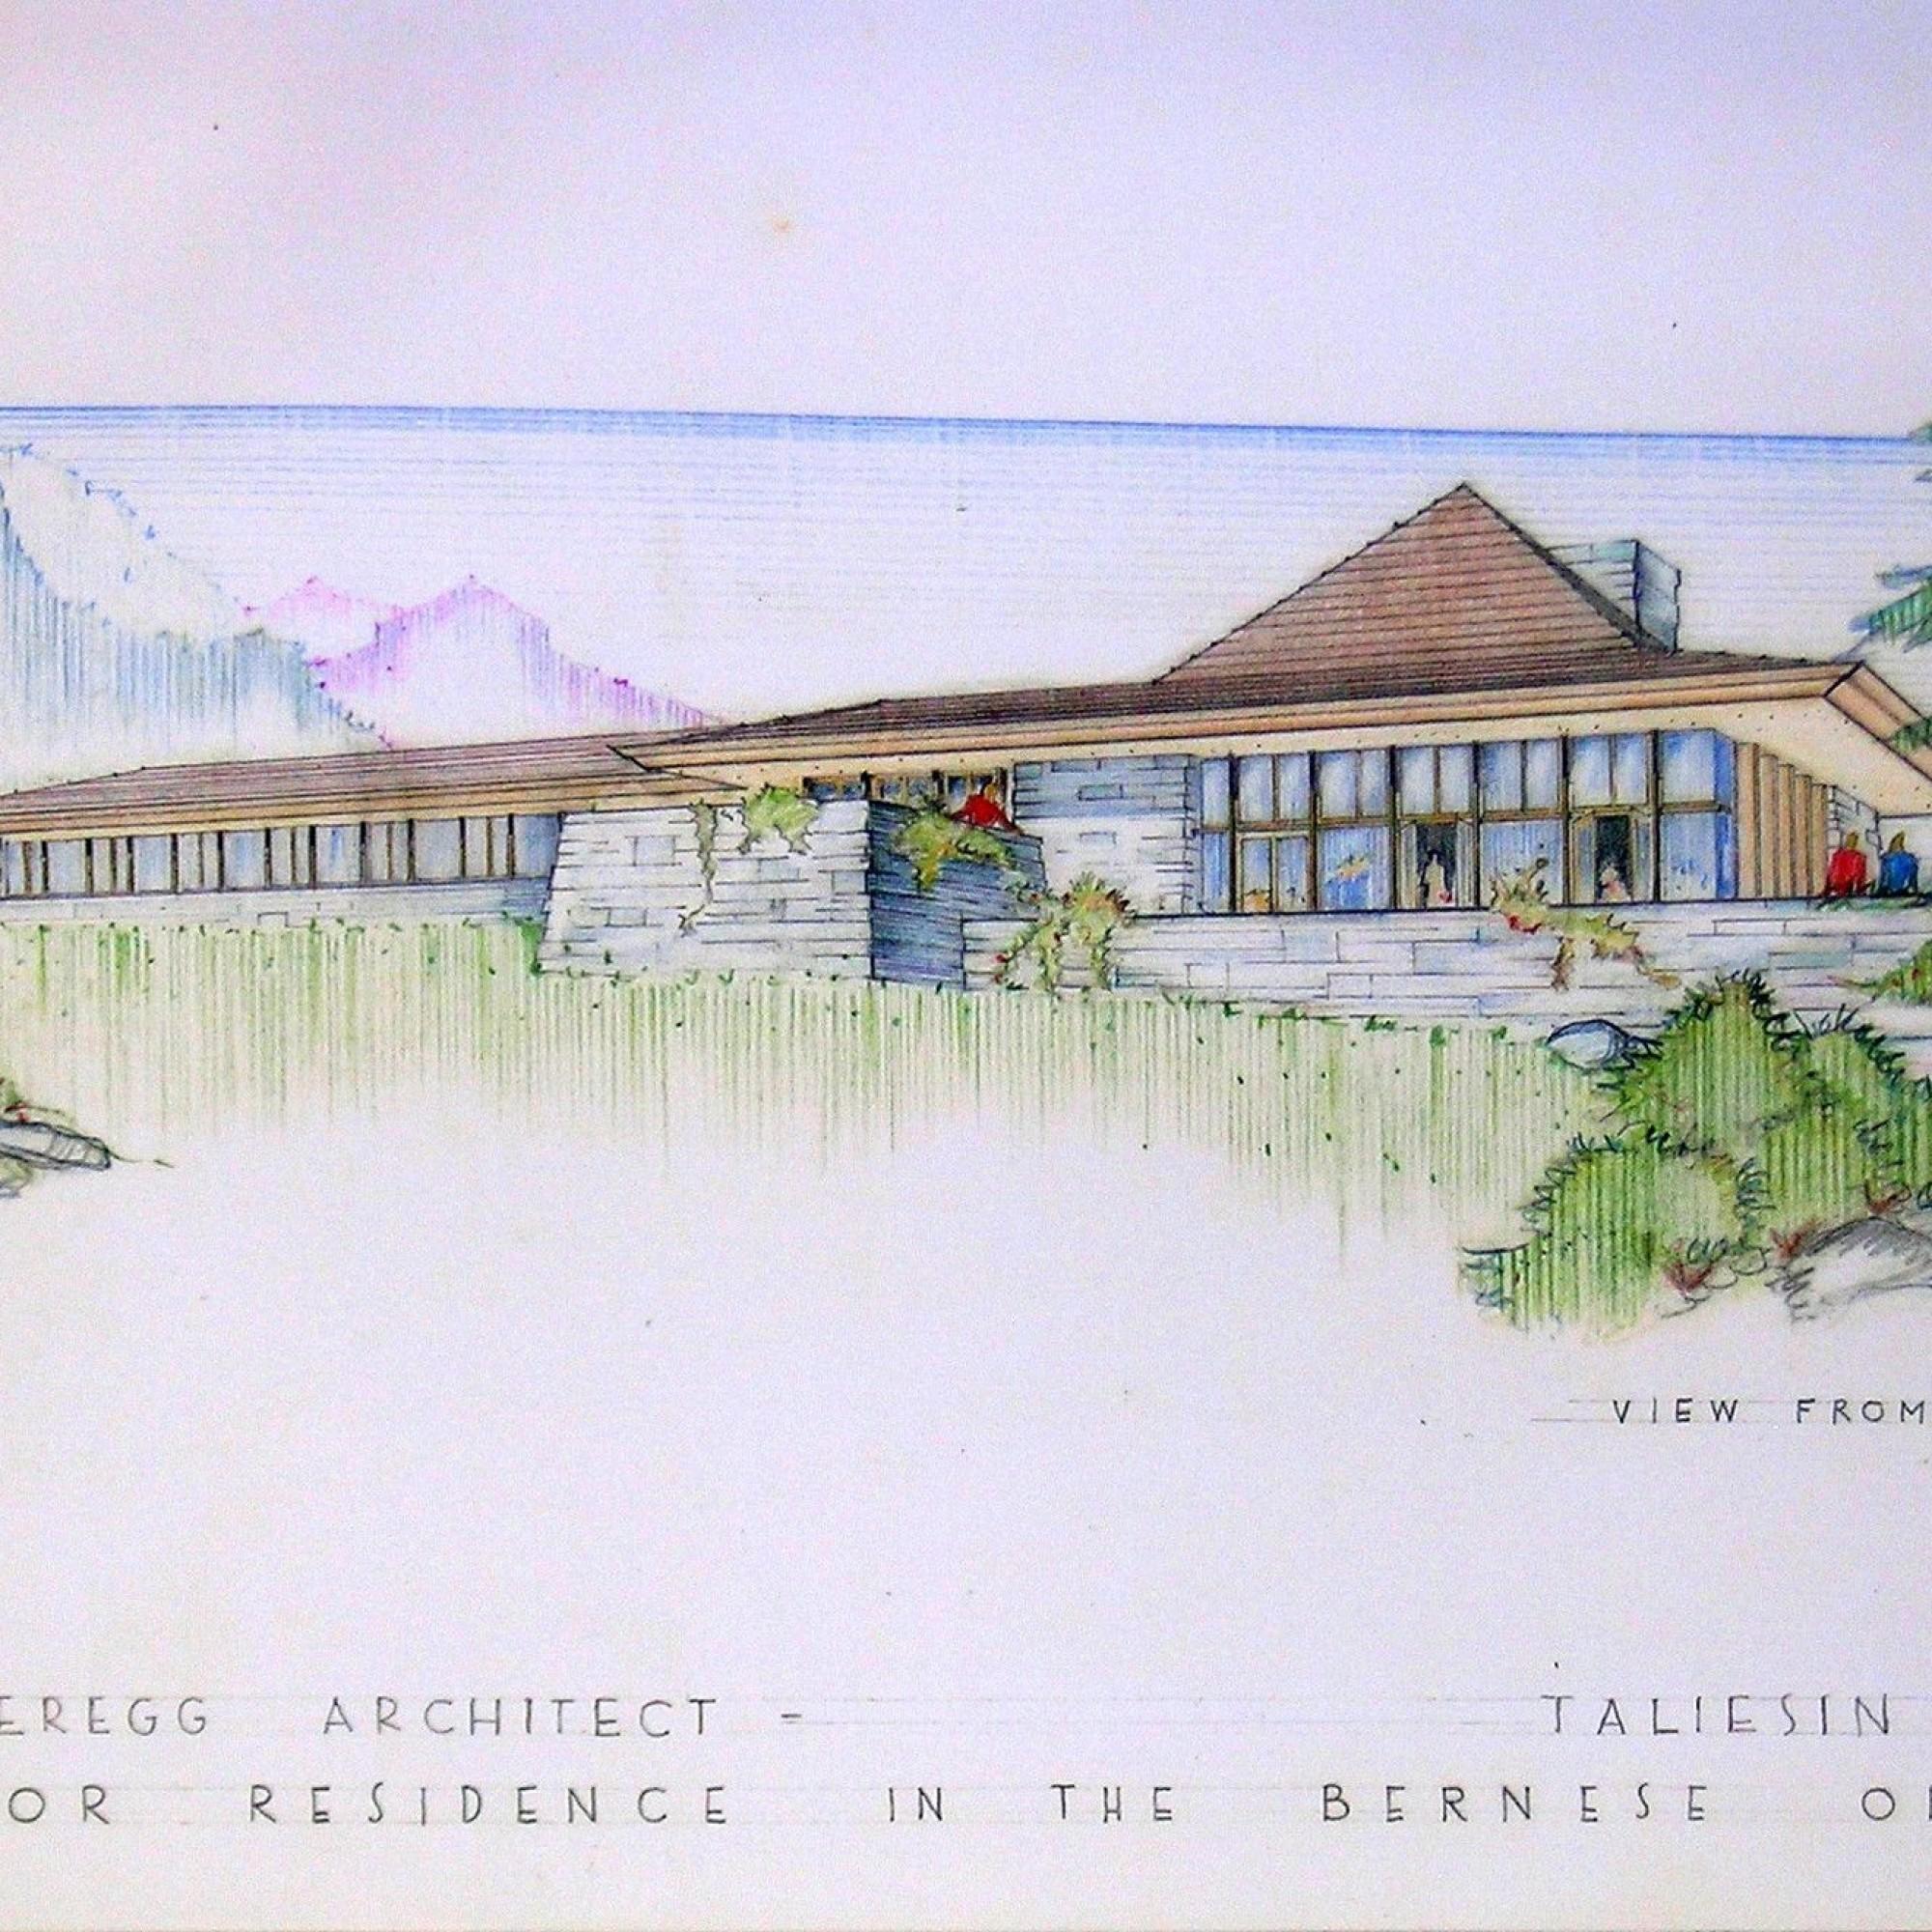 Entwurf für ein mondänes Haus im Berner Oberland